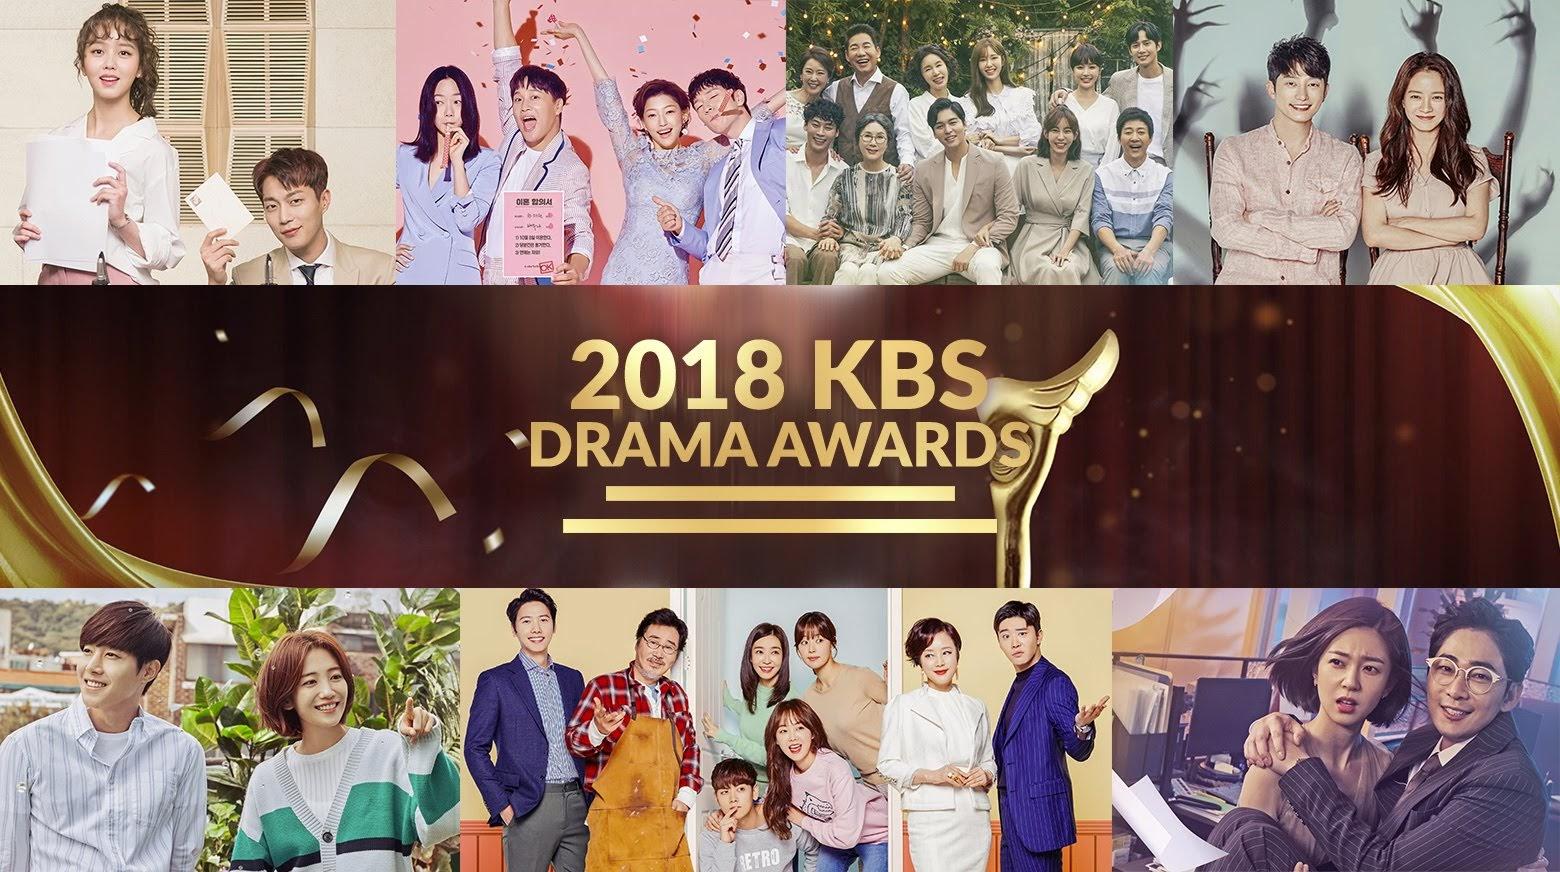 KBS Drama Awards 2018 (2018)